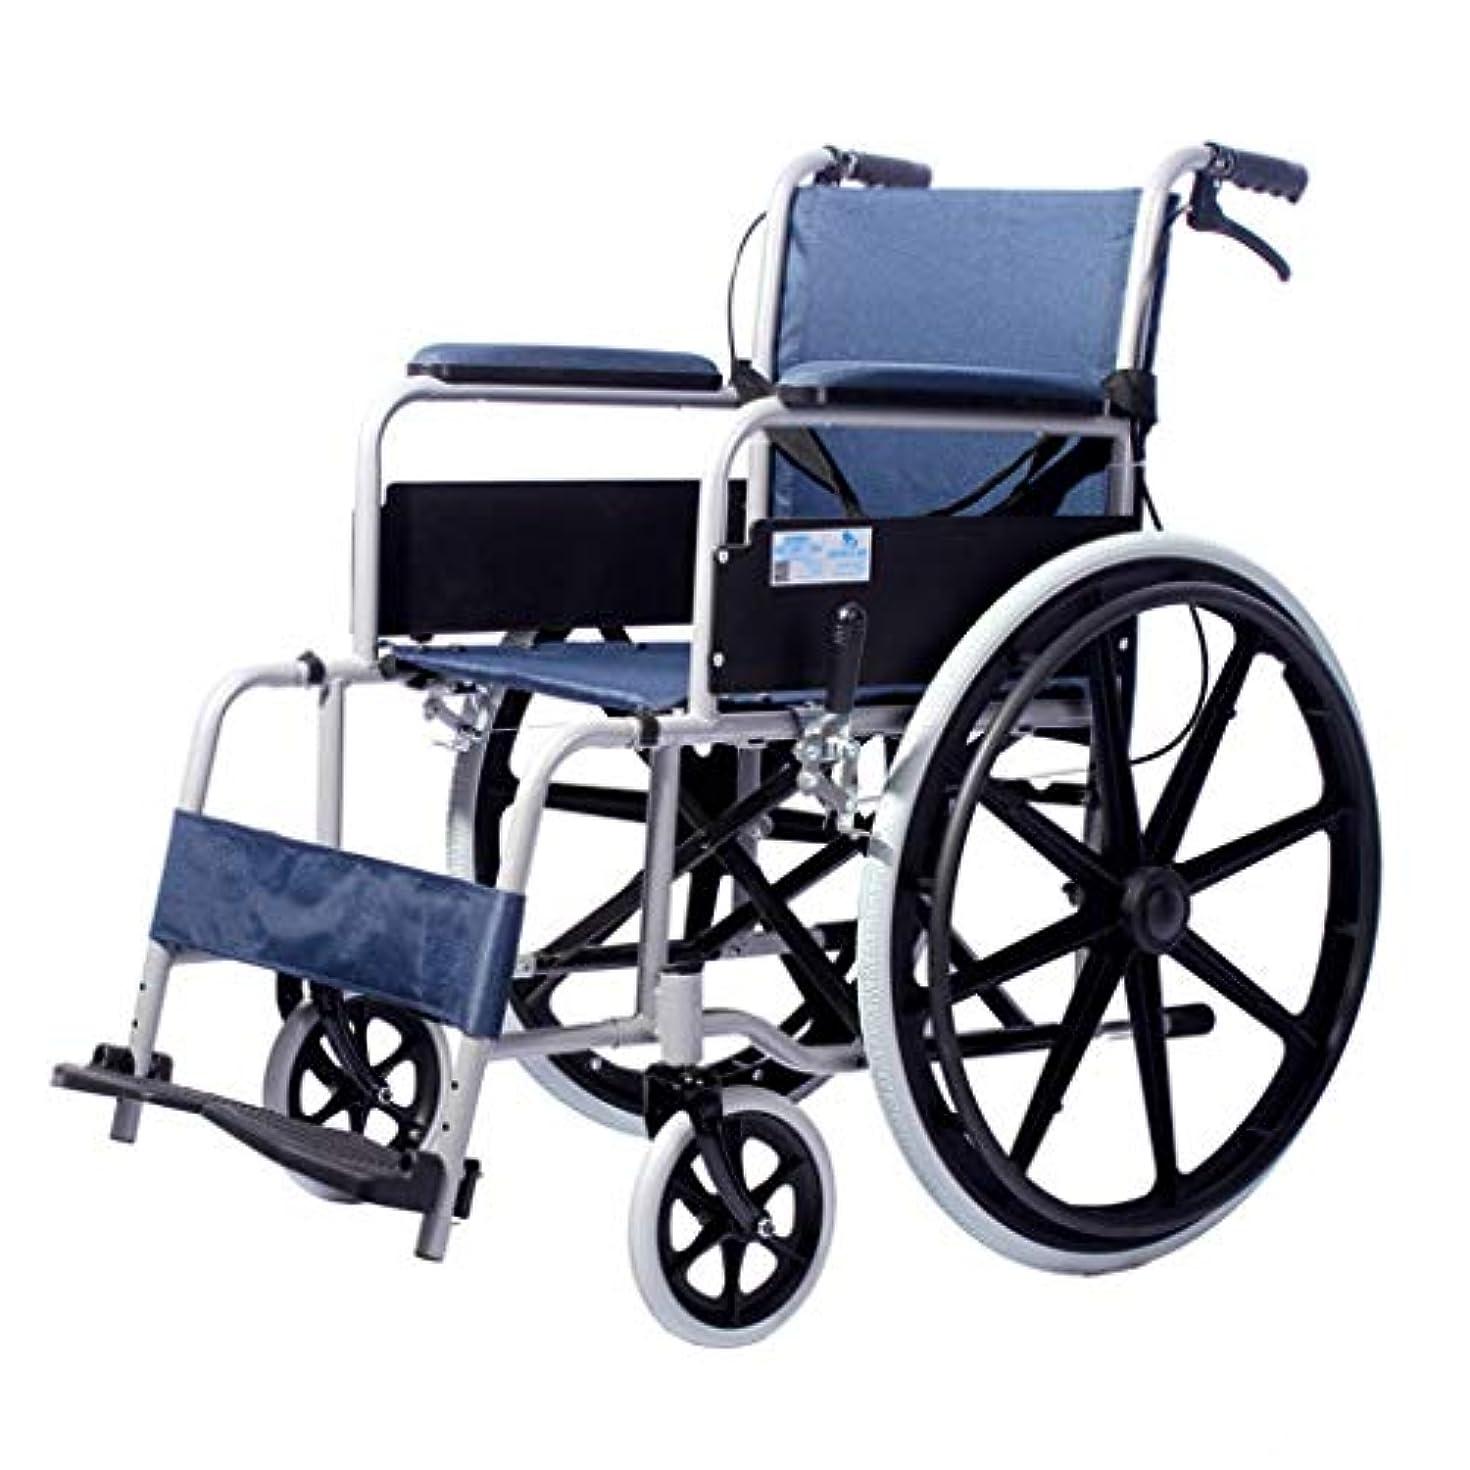 シリングとげのあるに勝る車椅子用トロリーは高齢者に適し、身体障害者用です。フットペダルは調整可能です。手動車椅子折りたたみ式デザイン